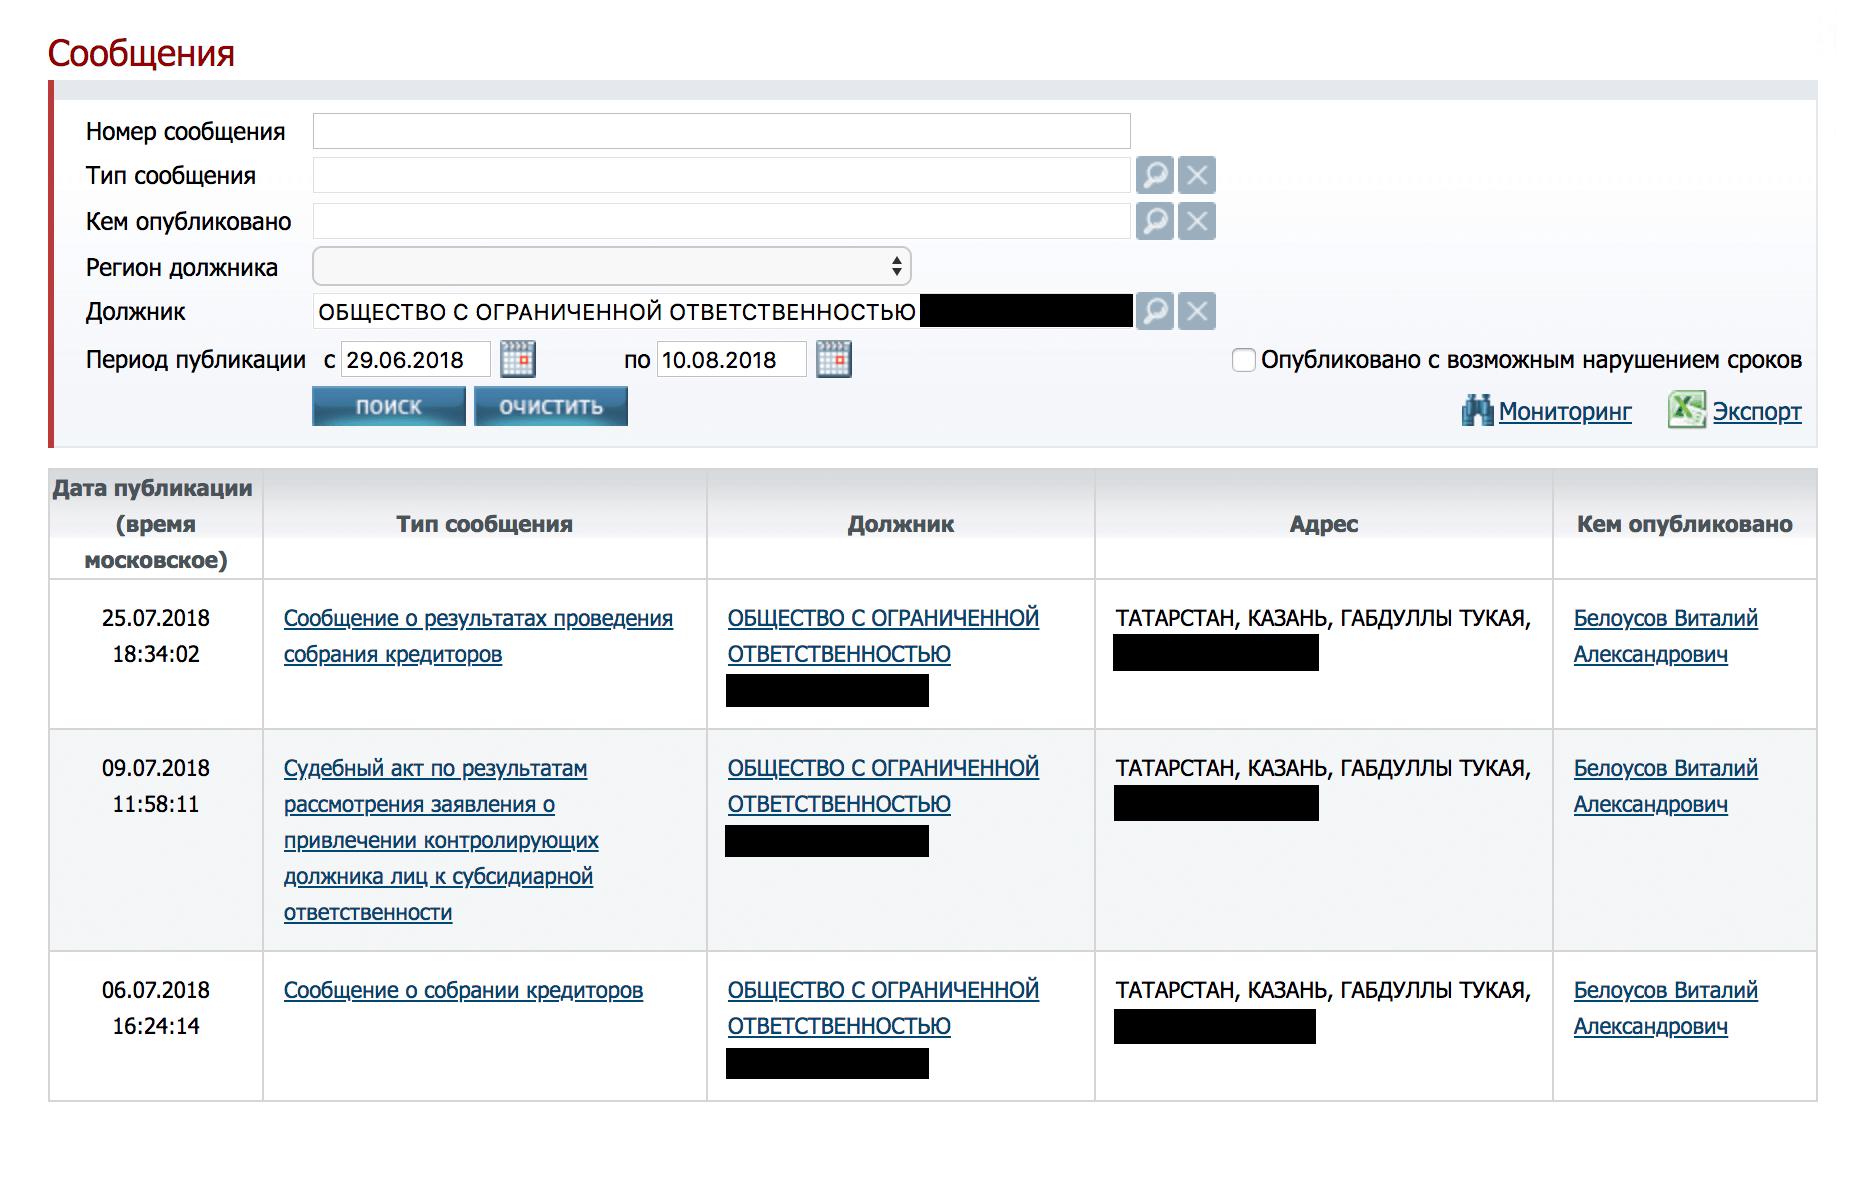 Компания-банкрот на сайте Единого федерального реестра сведений о банкротстве